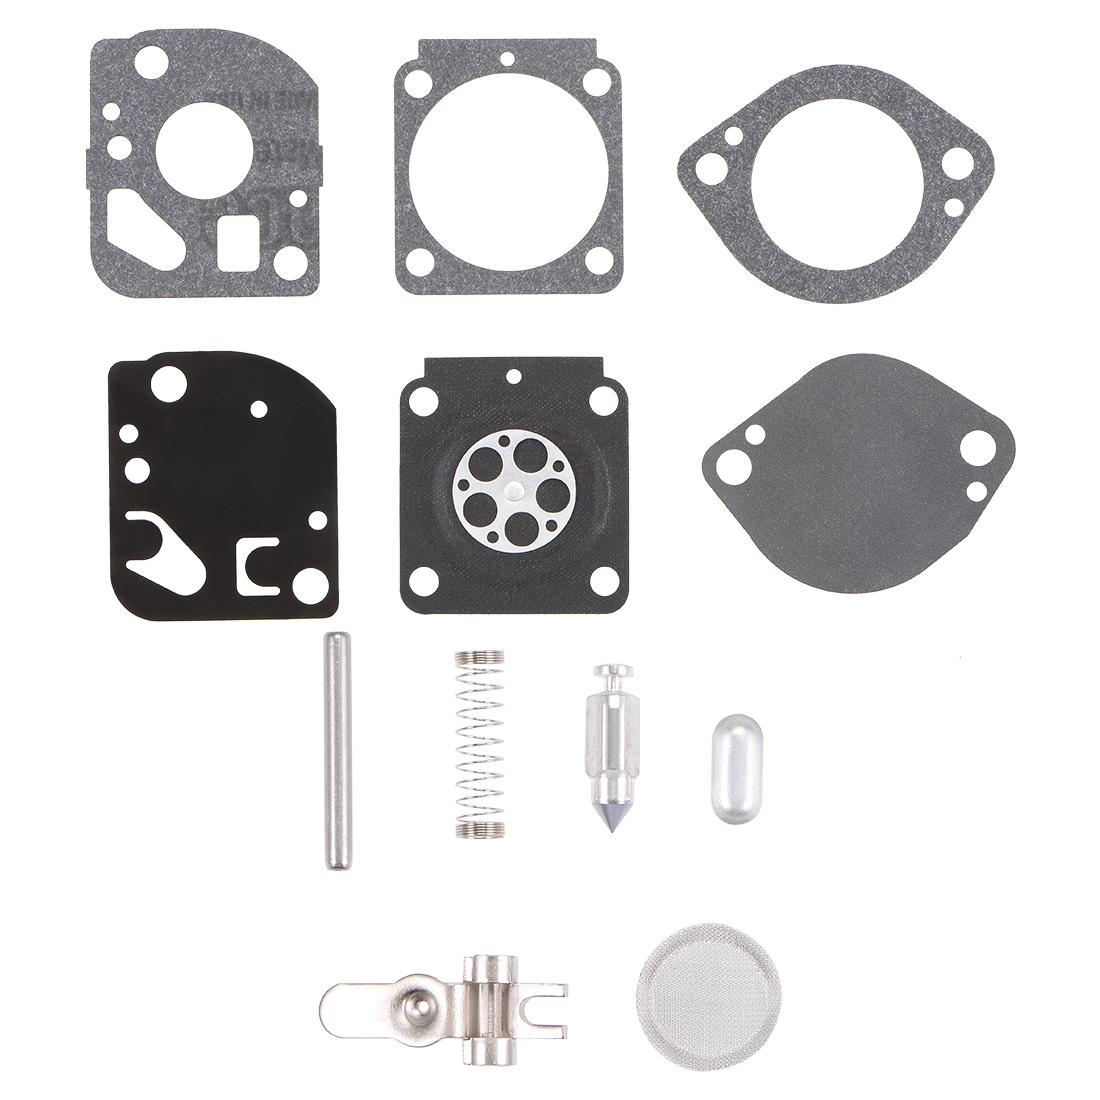 RB-165 Carburetor Rebuild Kit Gasket Diaphragm for RB-165 Engines Carb